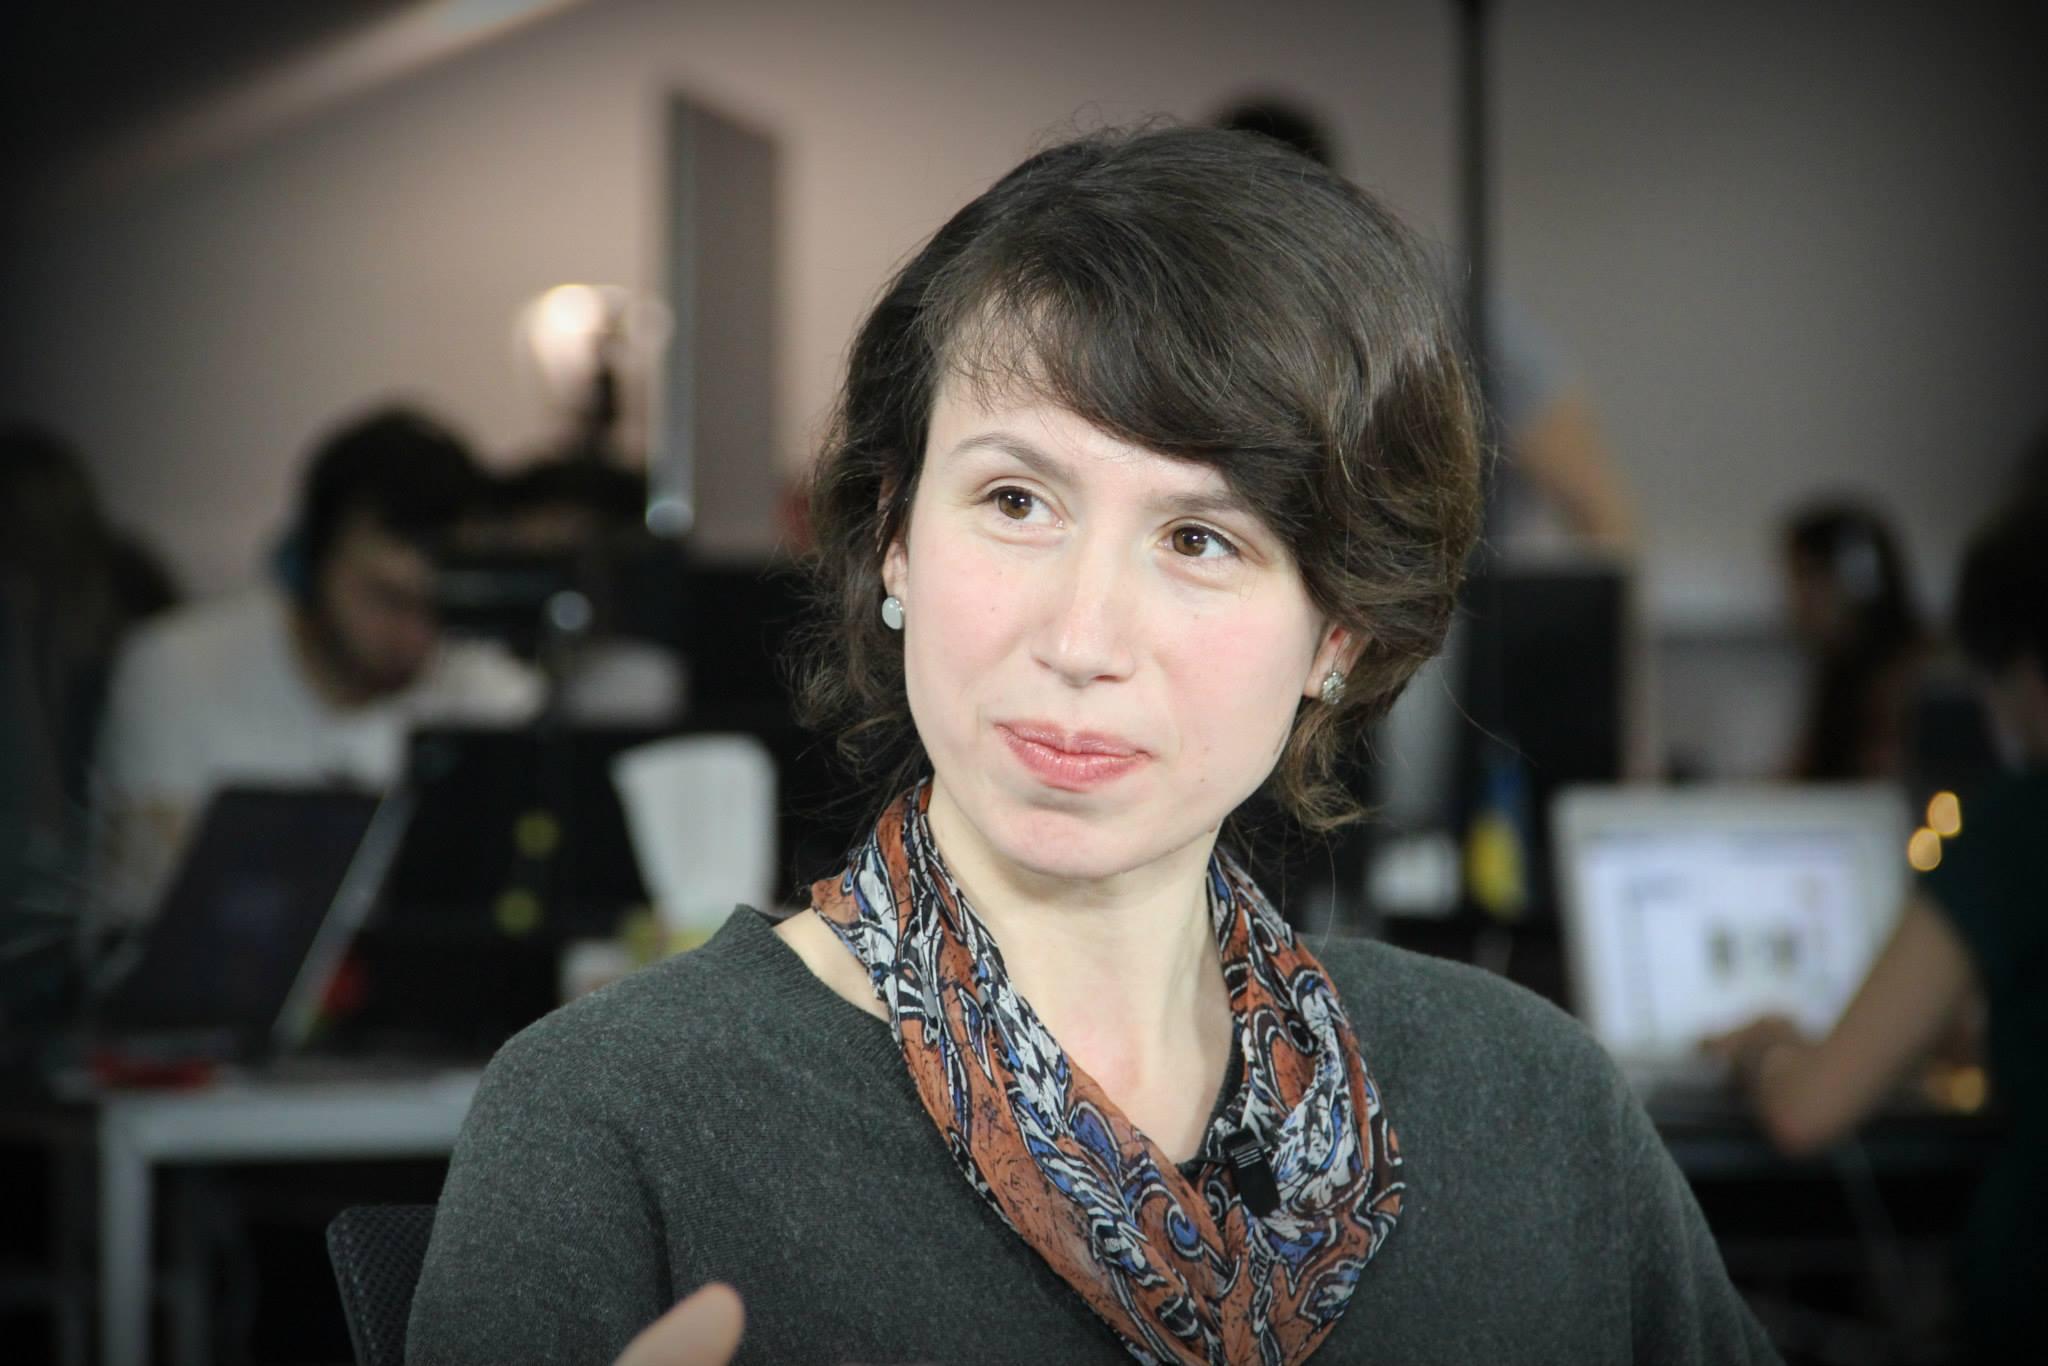 Депутат Чорновол увірвалася в приміщення компанії і ледь не побила секретарку (ВІДЕО)